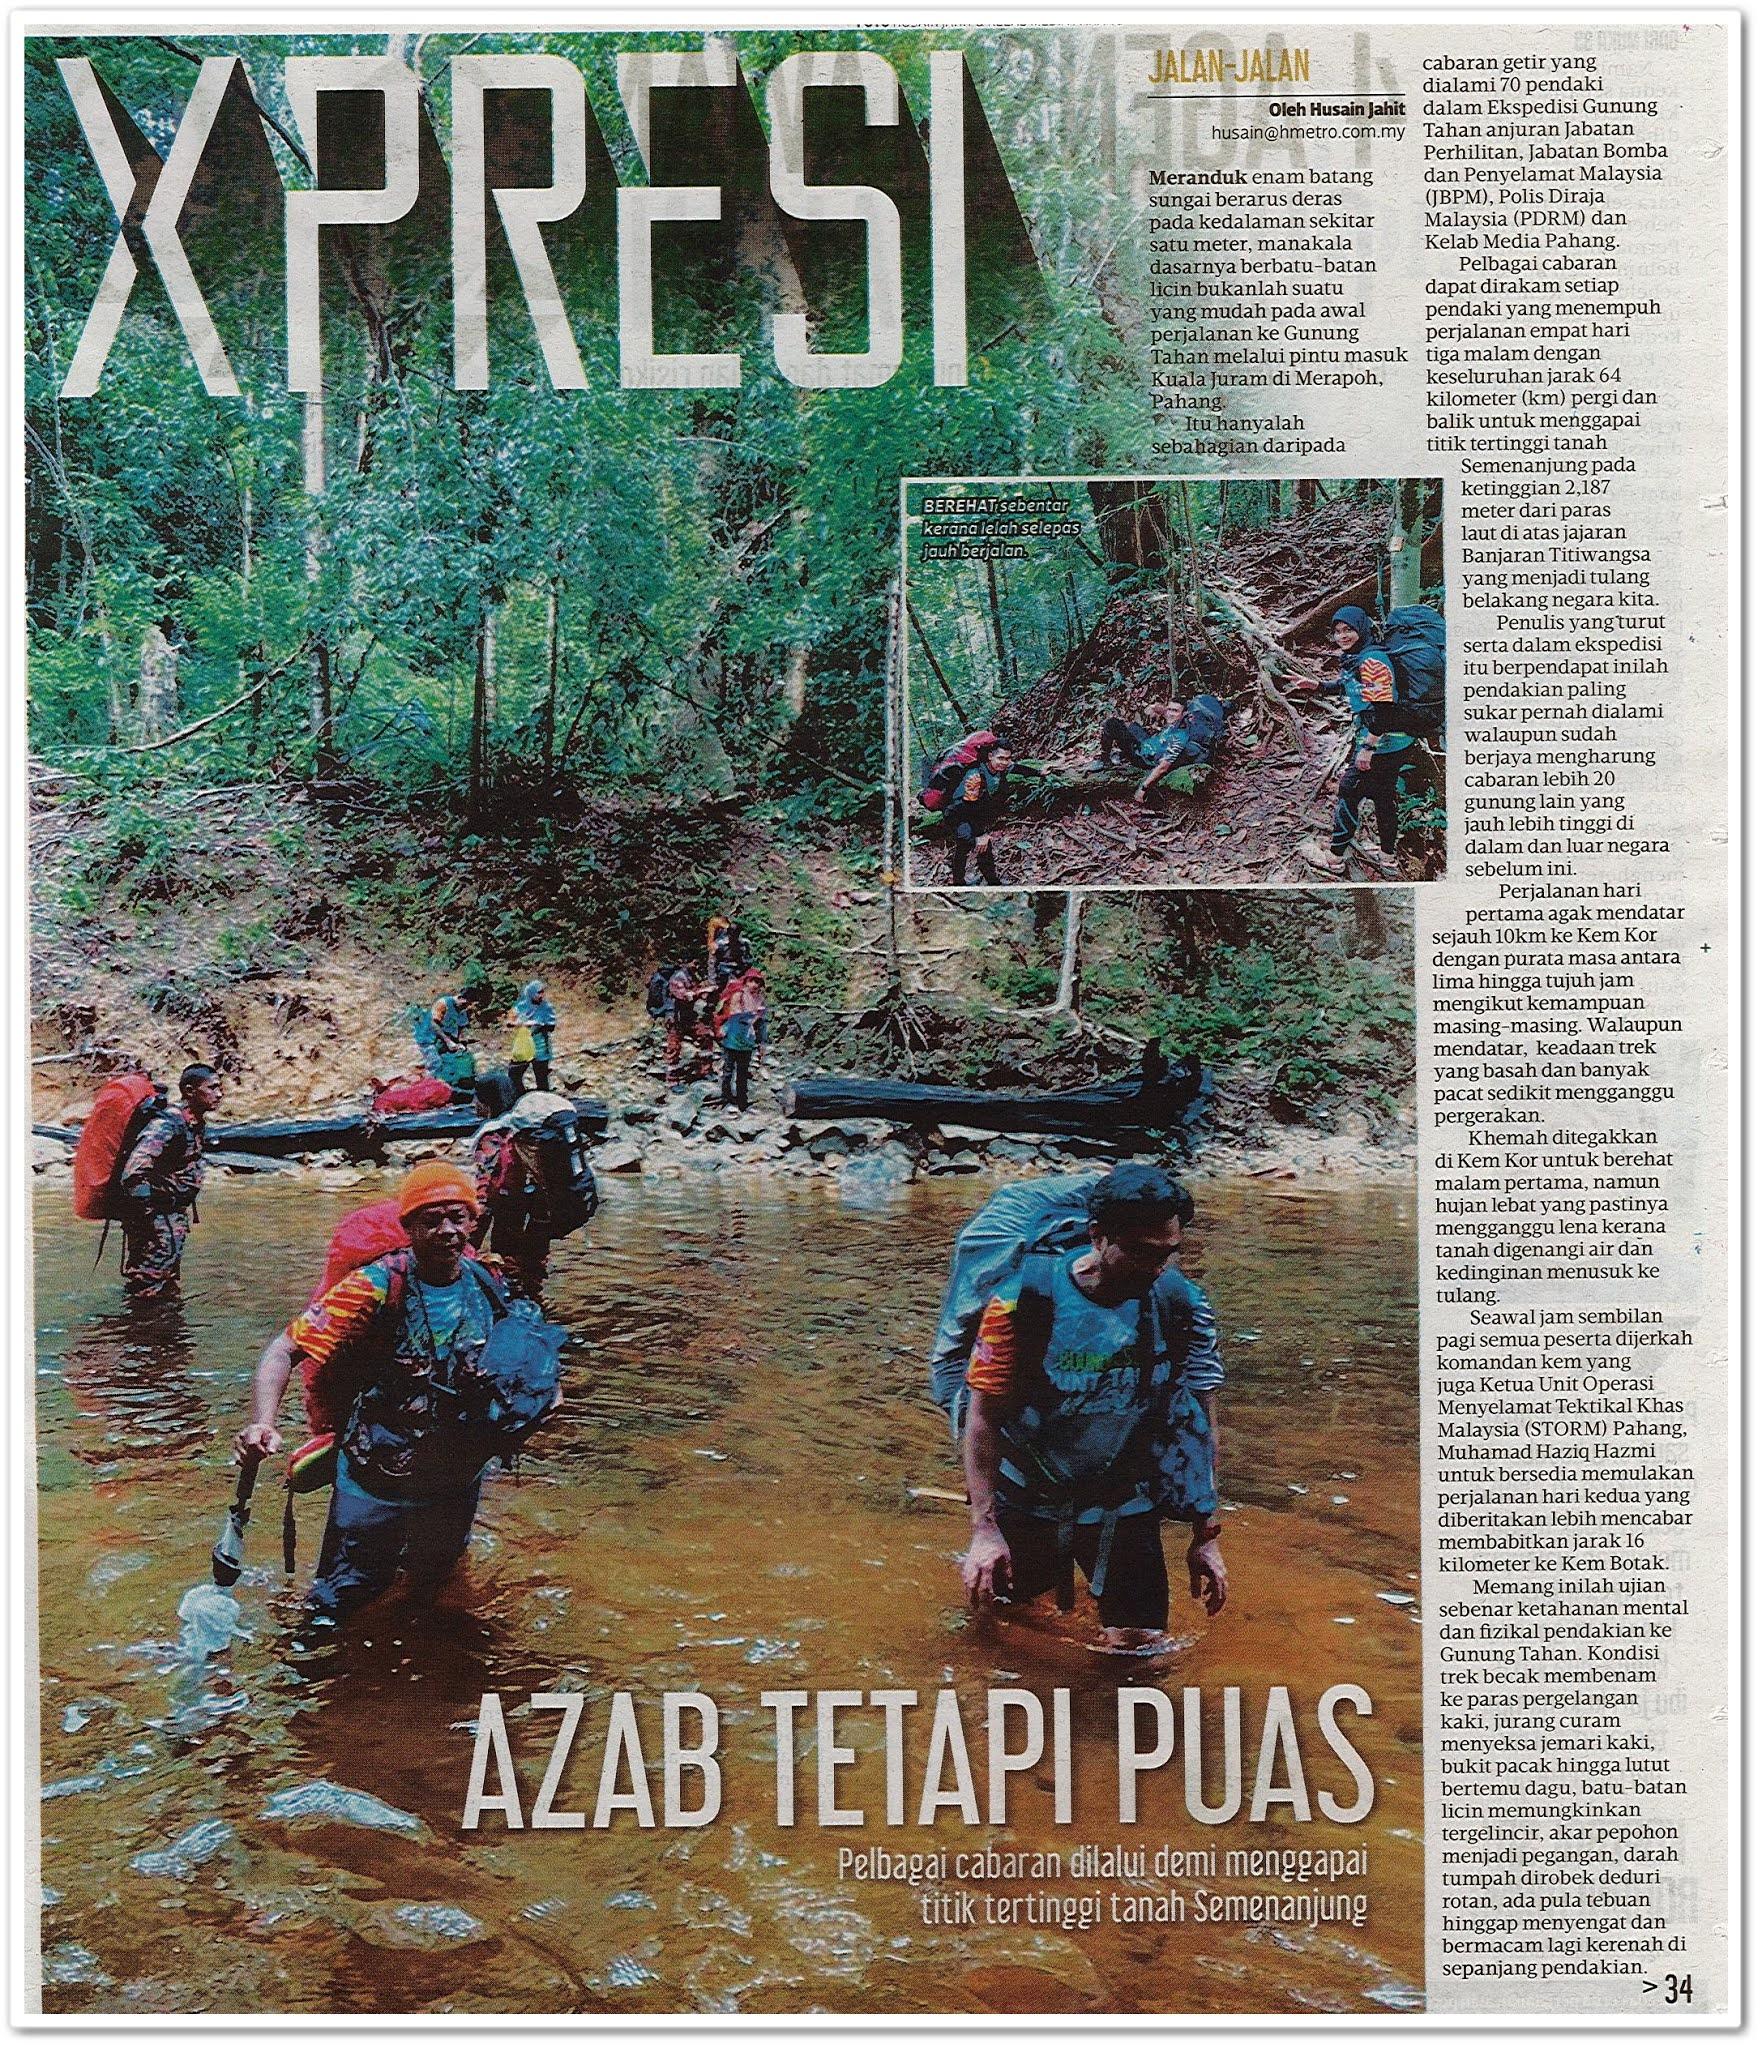 Azab tetapi puas ; 4 agensi tawan Gunung Tahan - Keratan akhbar Metro Ahad 25 Oktober 2020